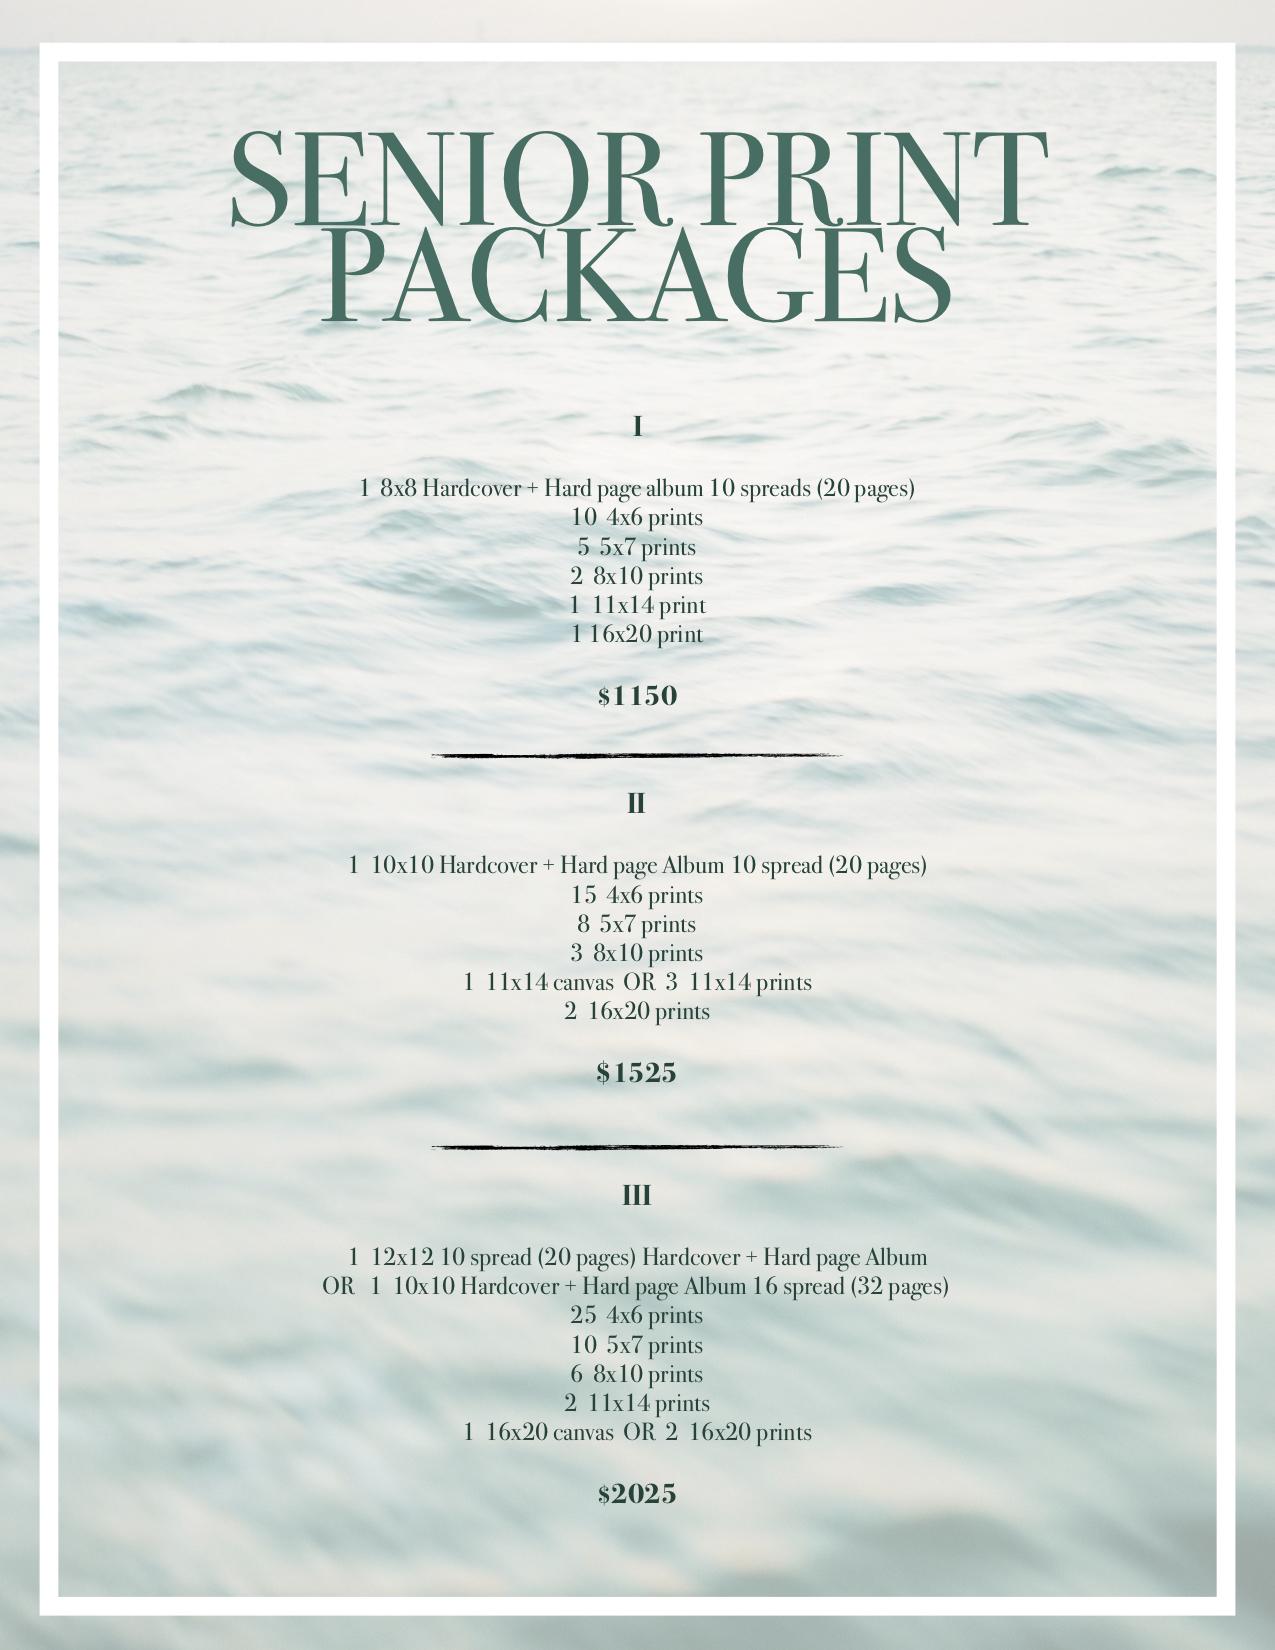 Senior Print Packages 2018.jpg